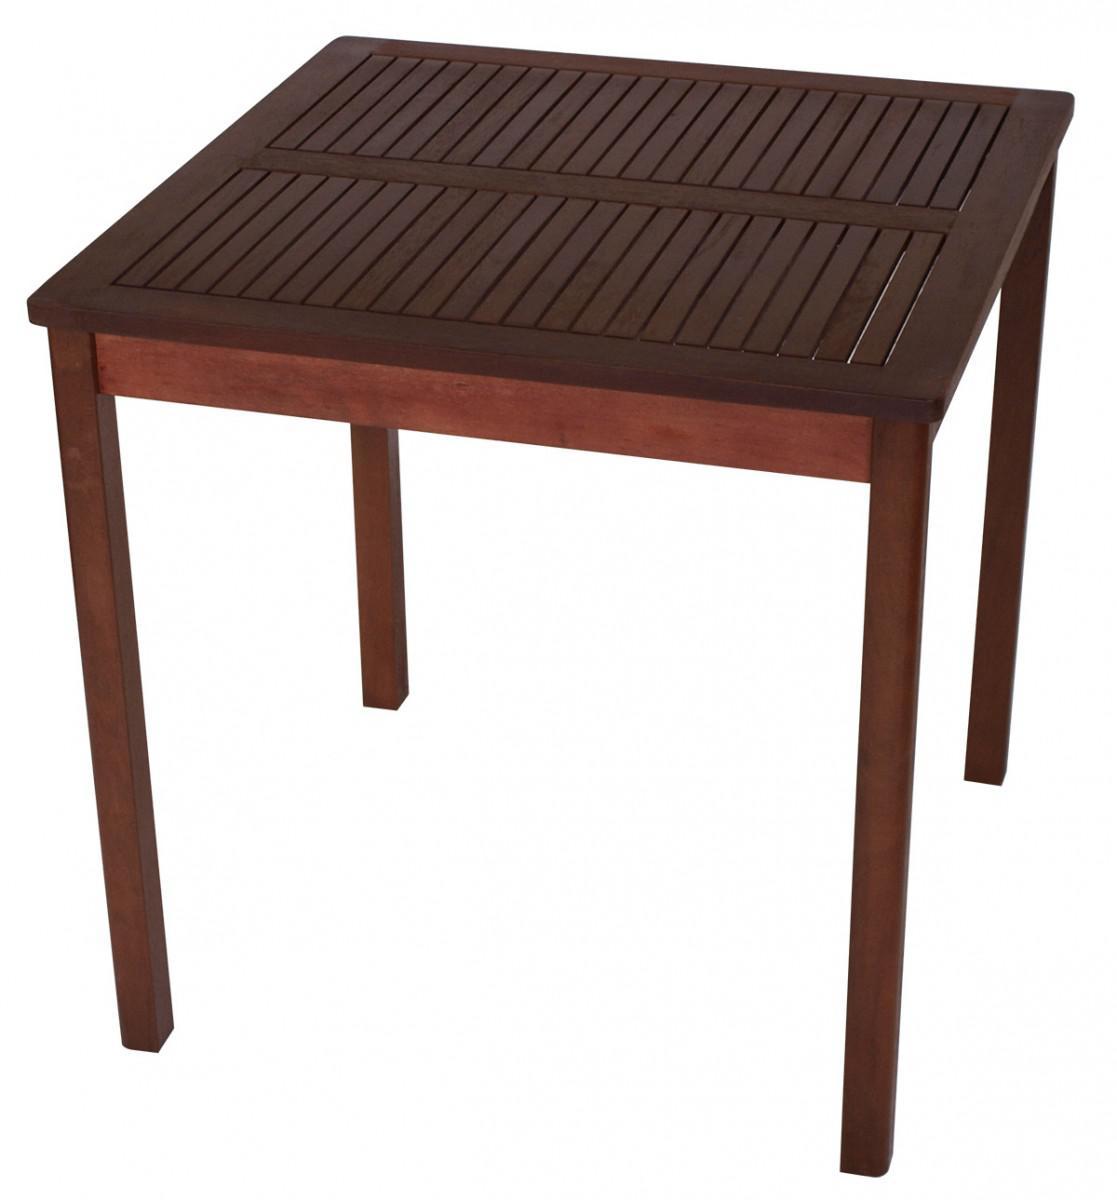 Holztisch Outdoor Holztisch Massiv Gnstig Free Holztisch Massiv